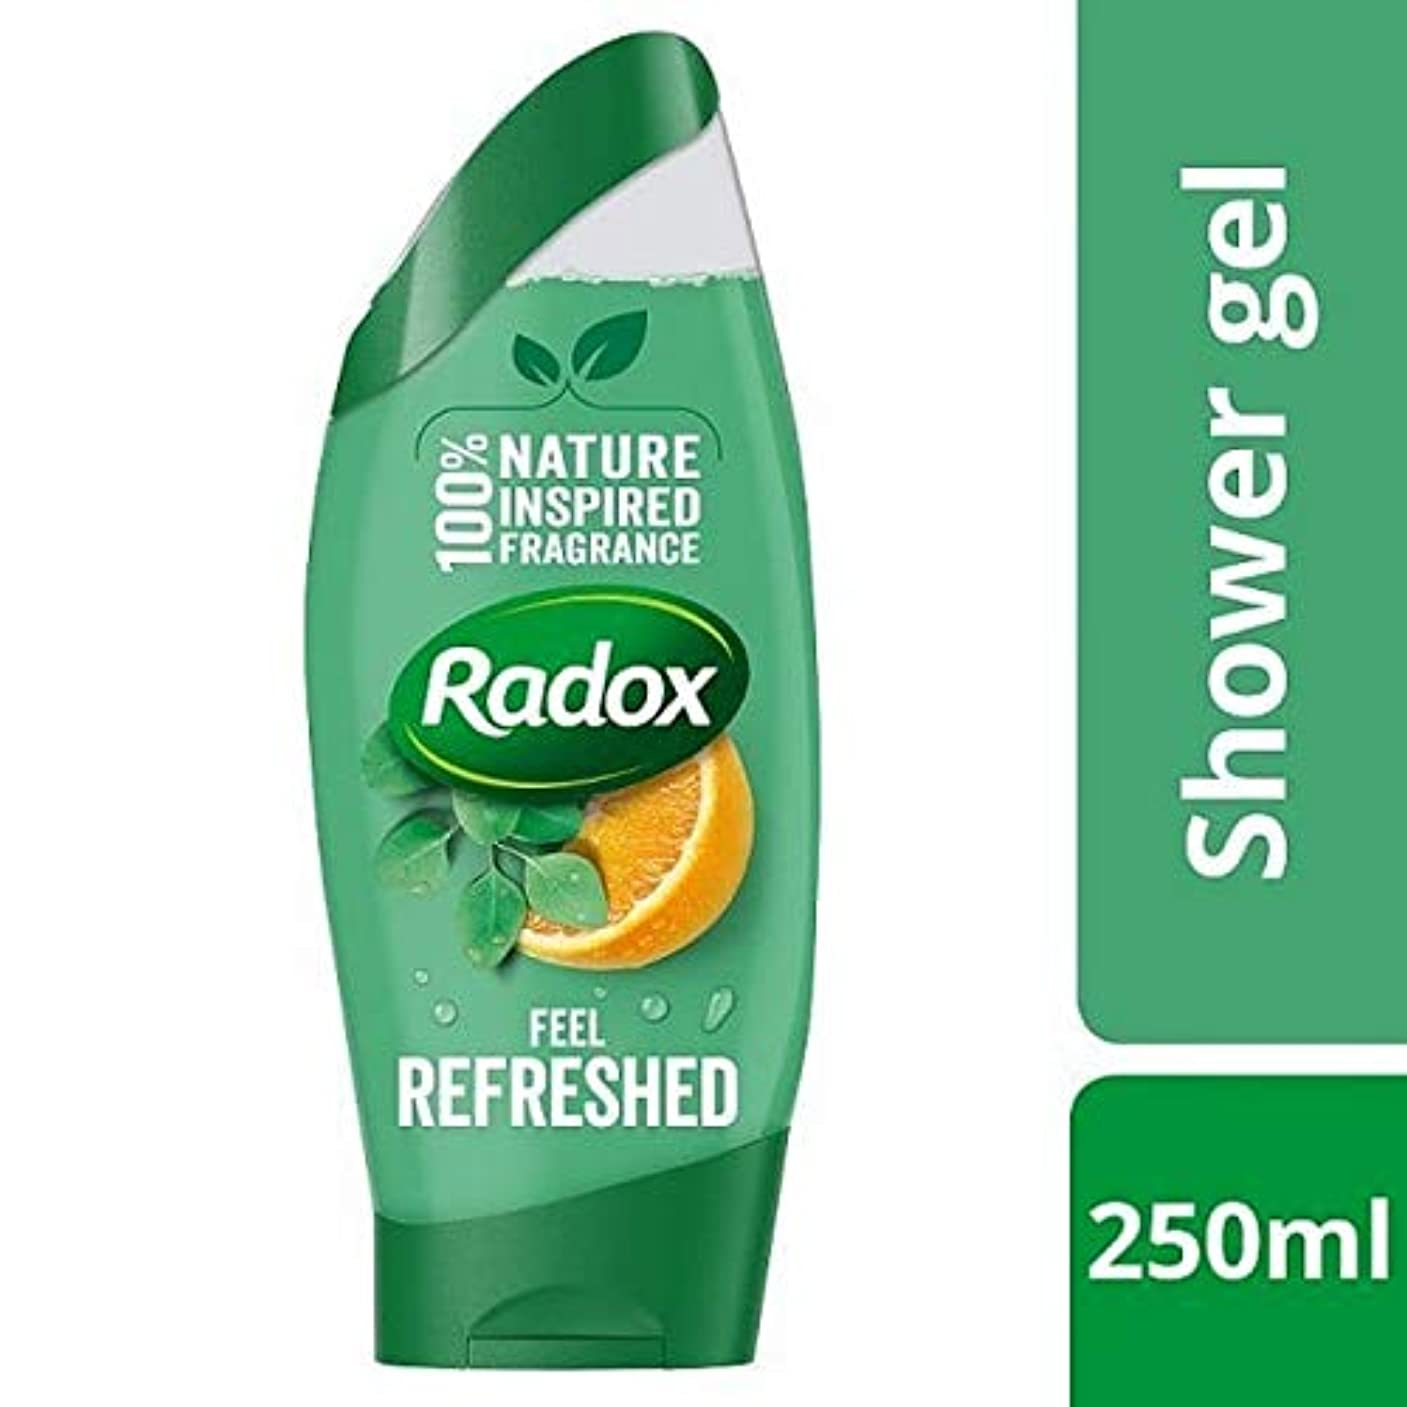 保証ドアミラーピアニスト[Radox] Radoxが更新ユーカリ&シトラスシャワージェル250ミリリットルを感じます - Radox Feel Refreshed Eucalyptus & Citrus Shower Gel 250ml [並行輸入品]